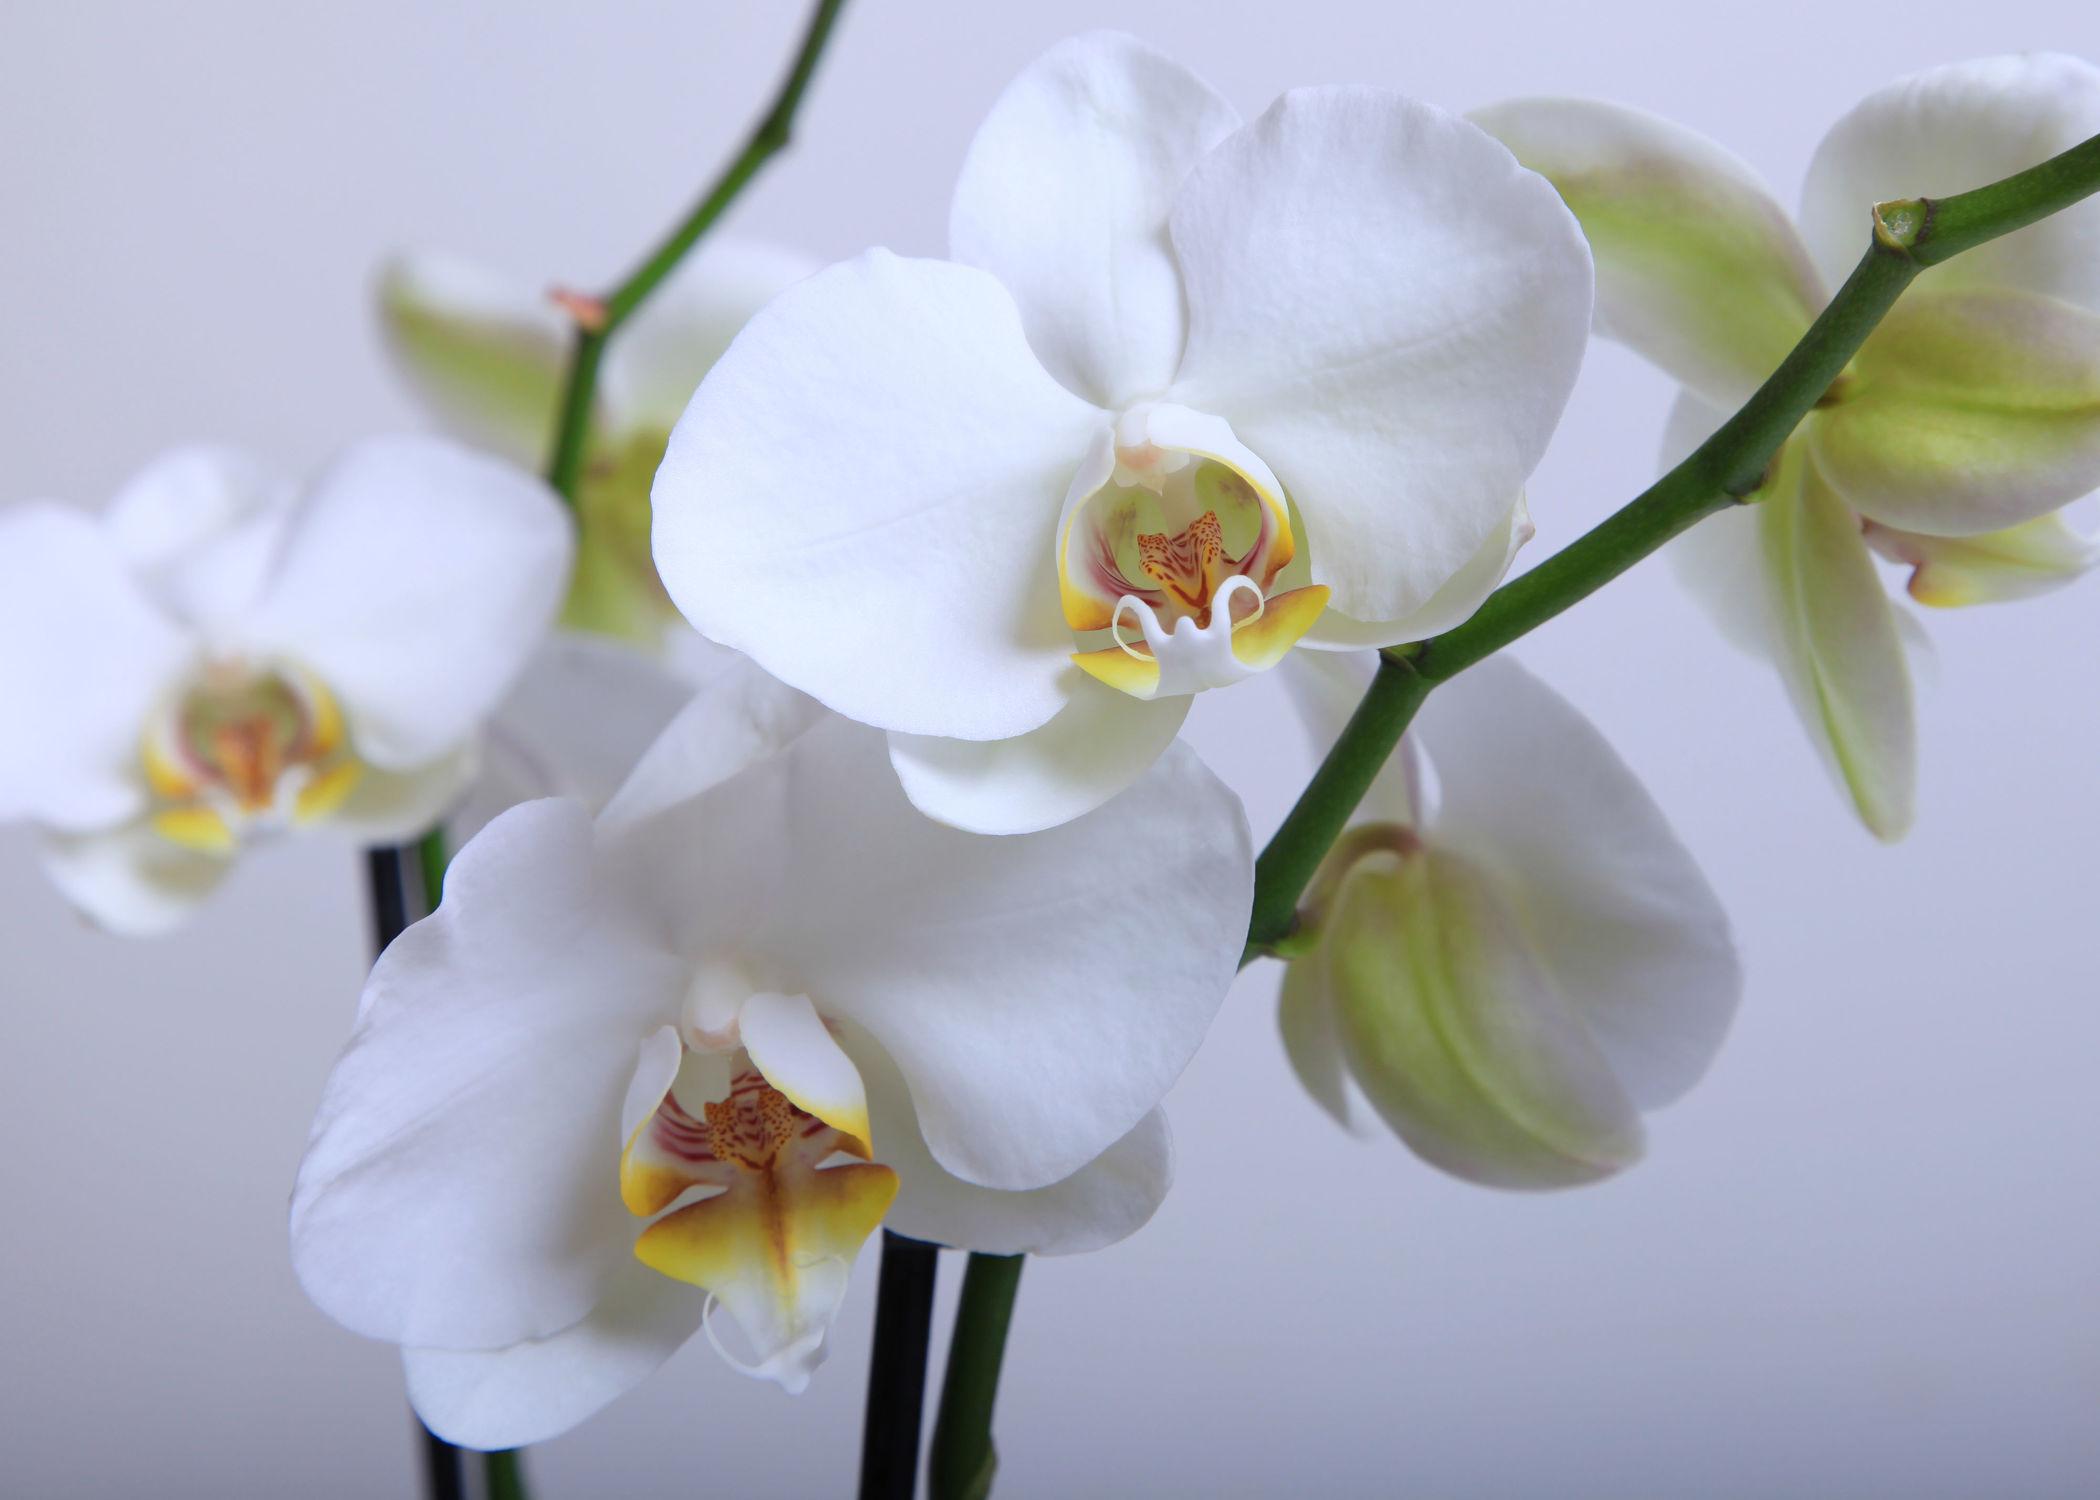 Bild mit Blumen, Orchideen, Blume, Orchidee, Blüten, blüte